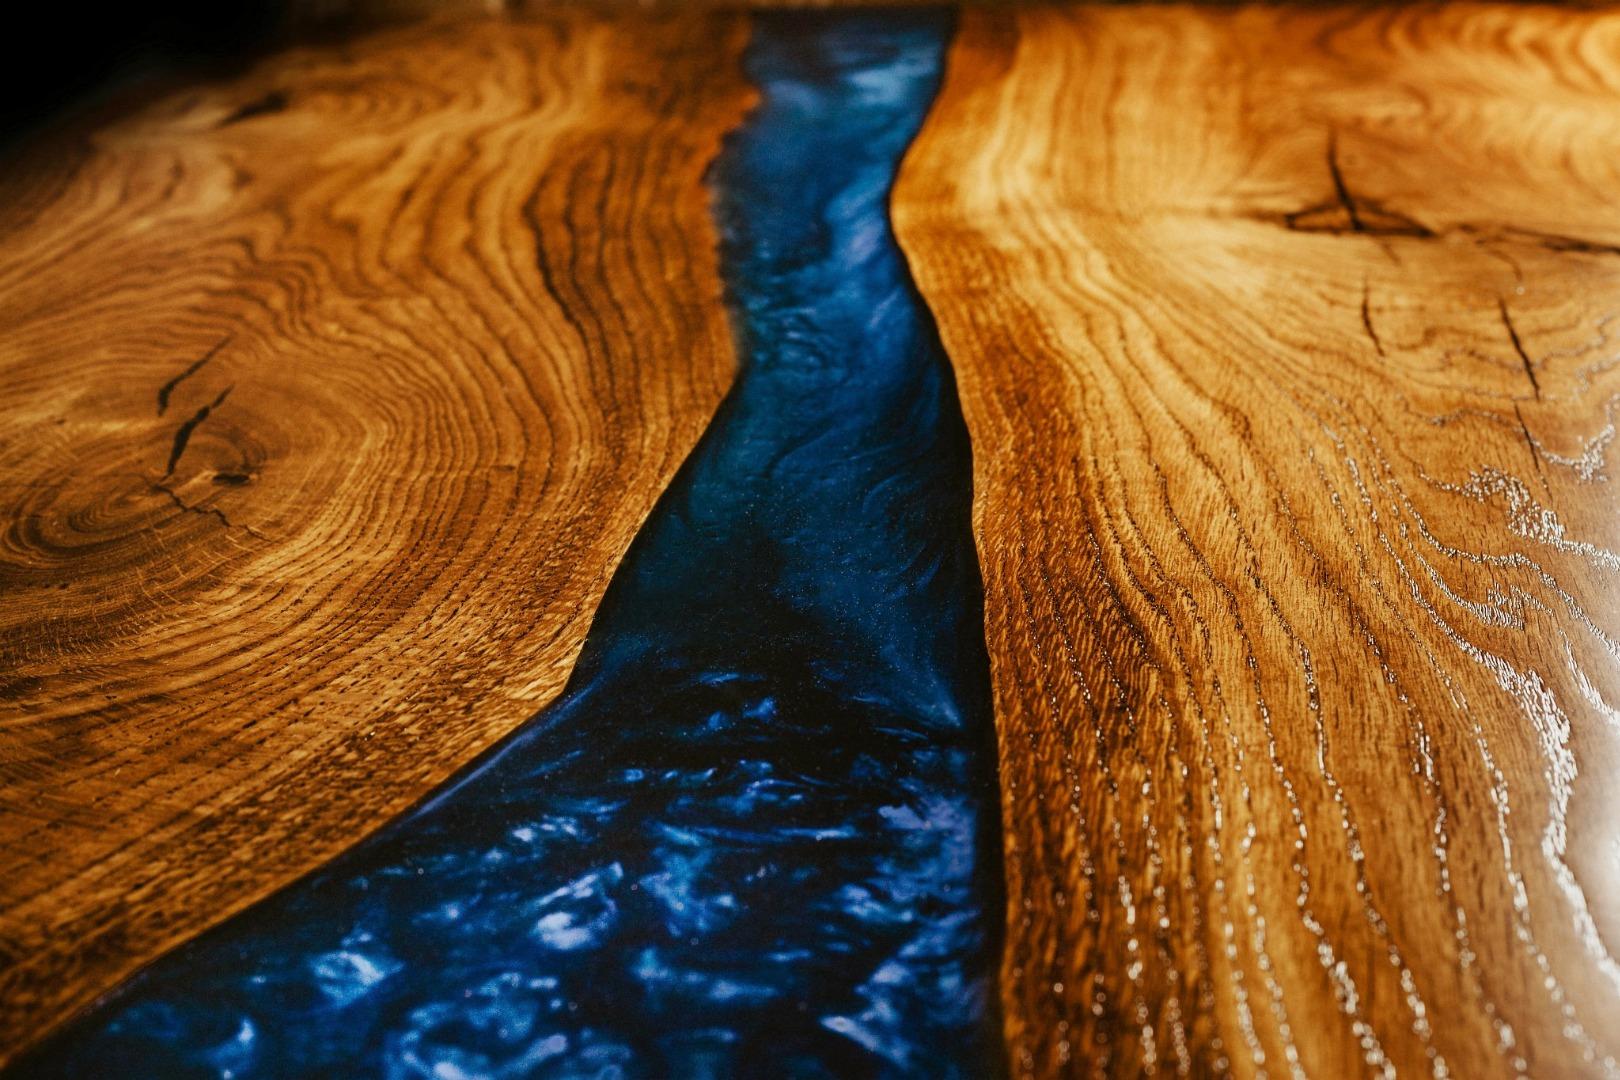 Dębowy stół rzeka  #2